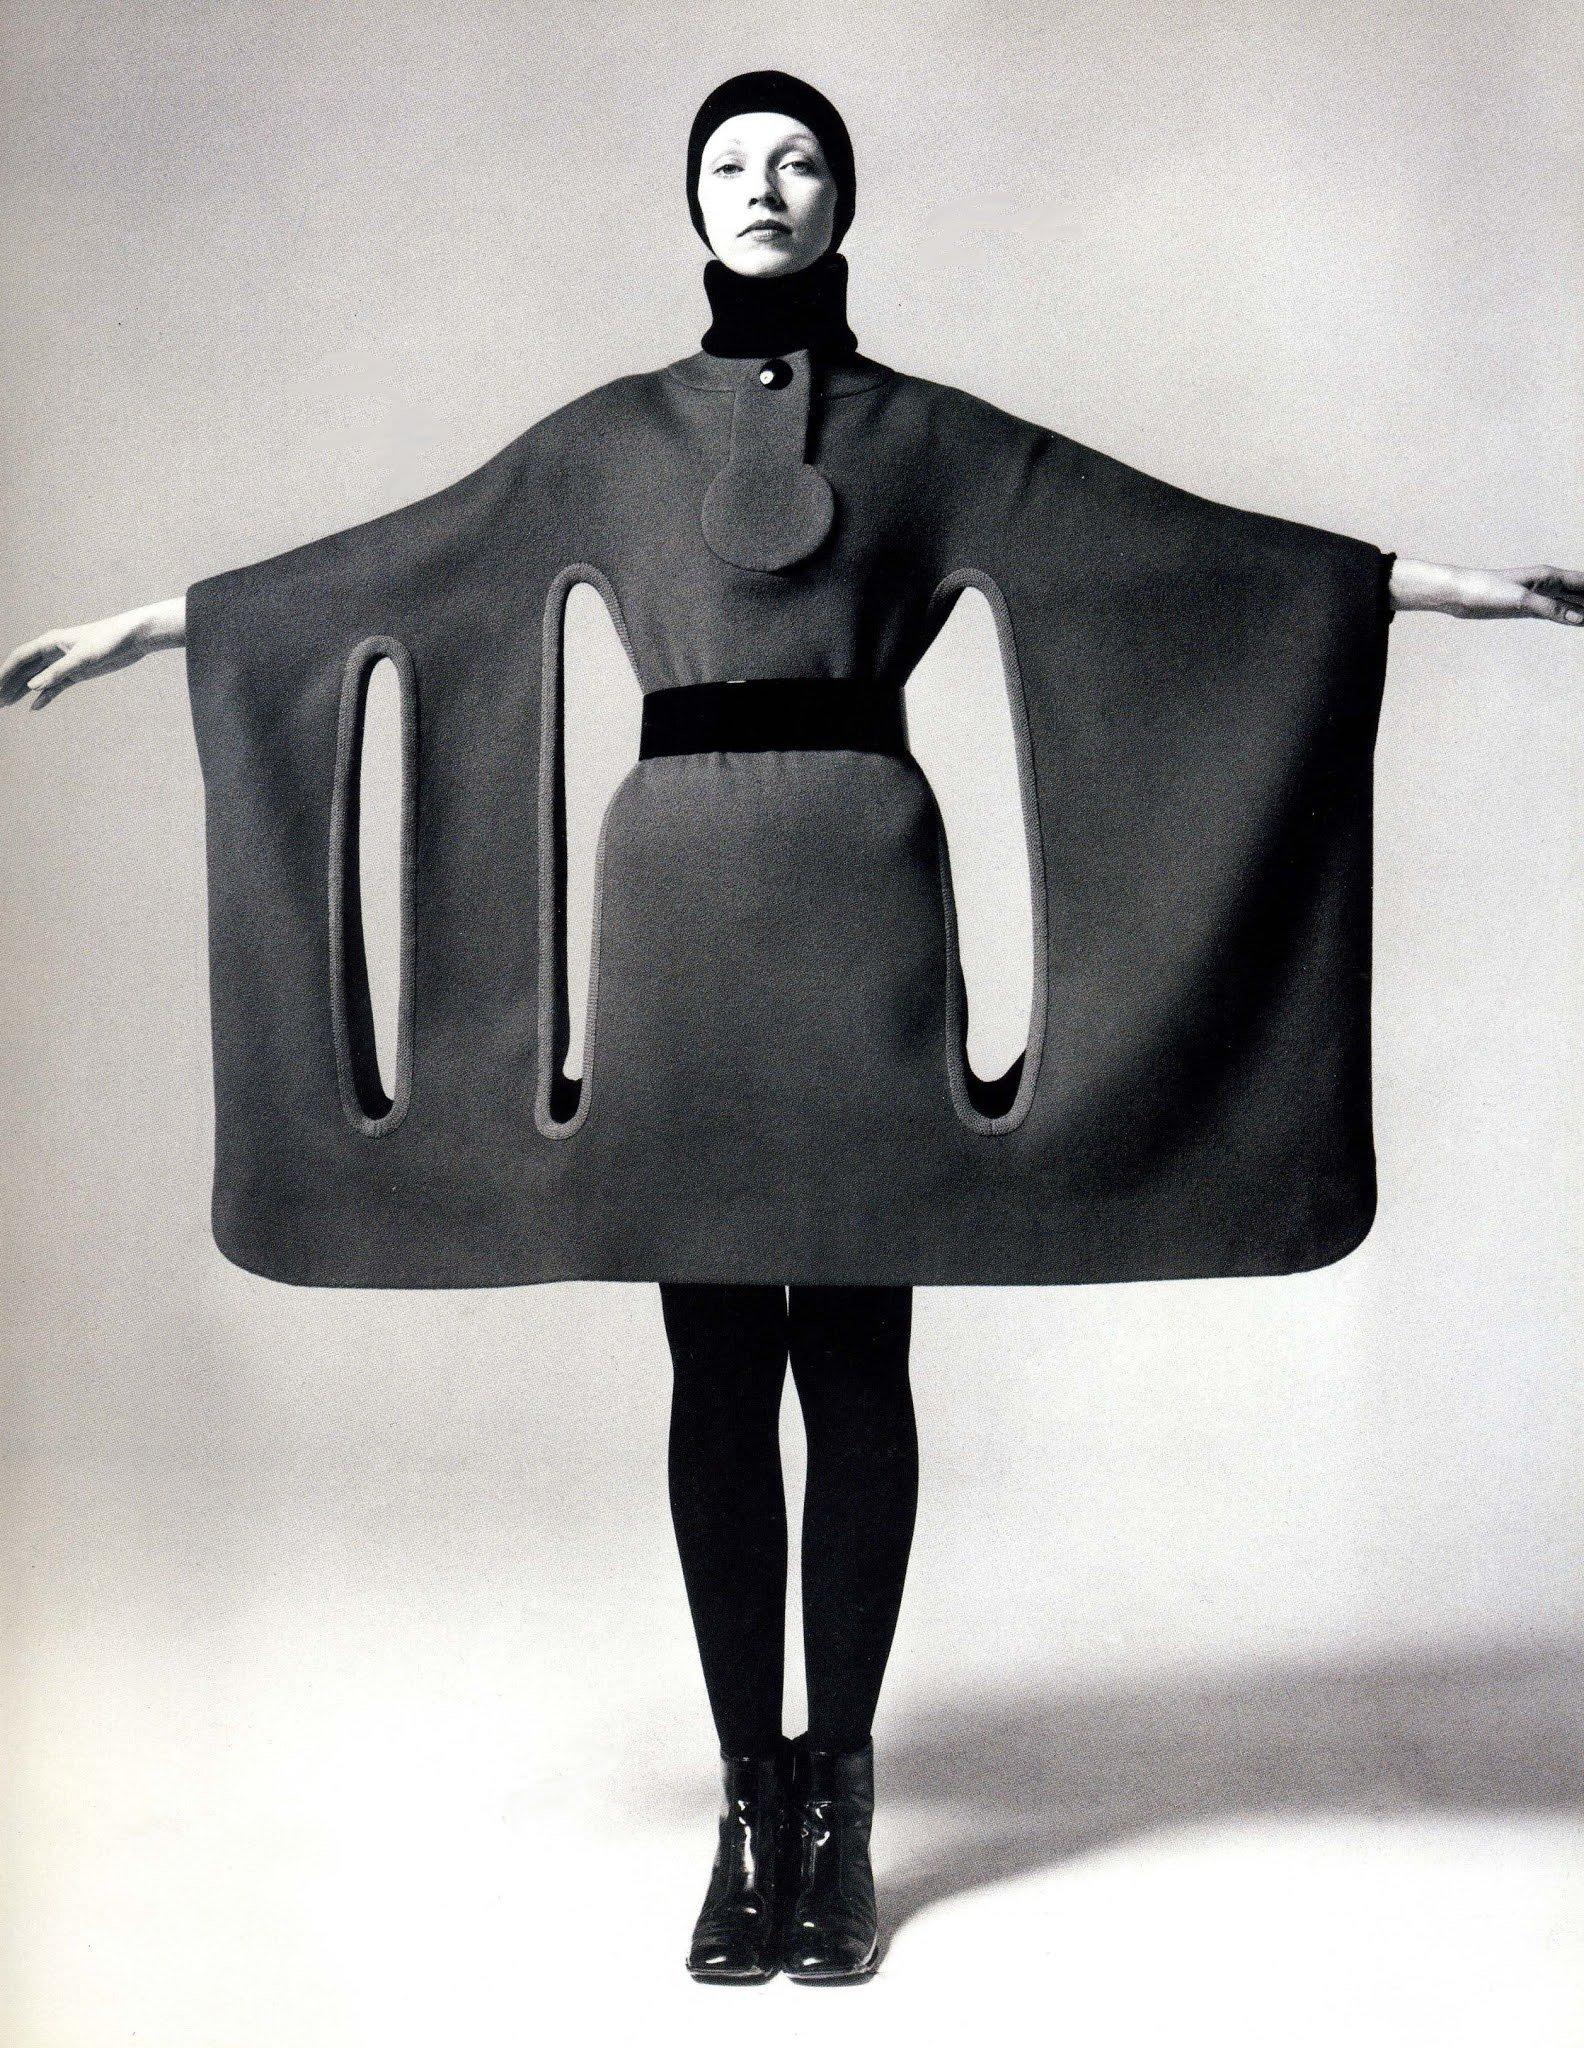 fotos moda futurista años 60:pierre cardin ropa 8